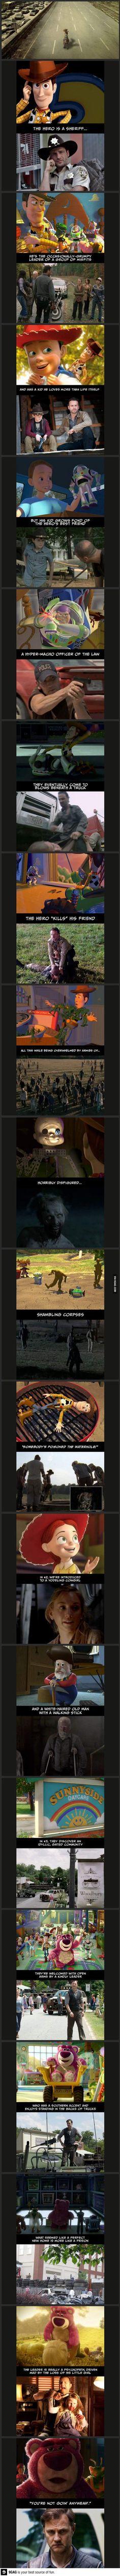 Toy story Vs Walking dead. Mind blow!